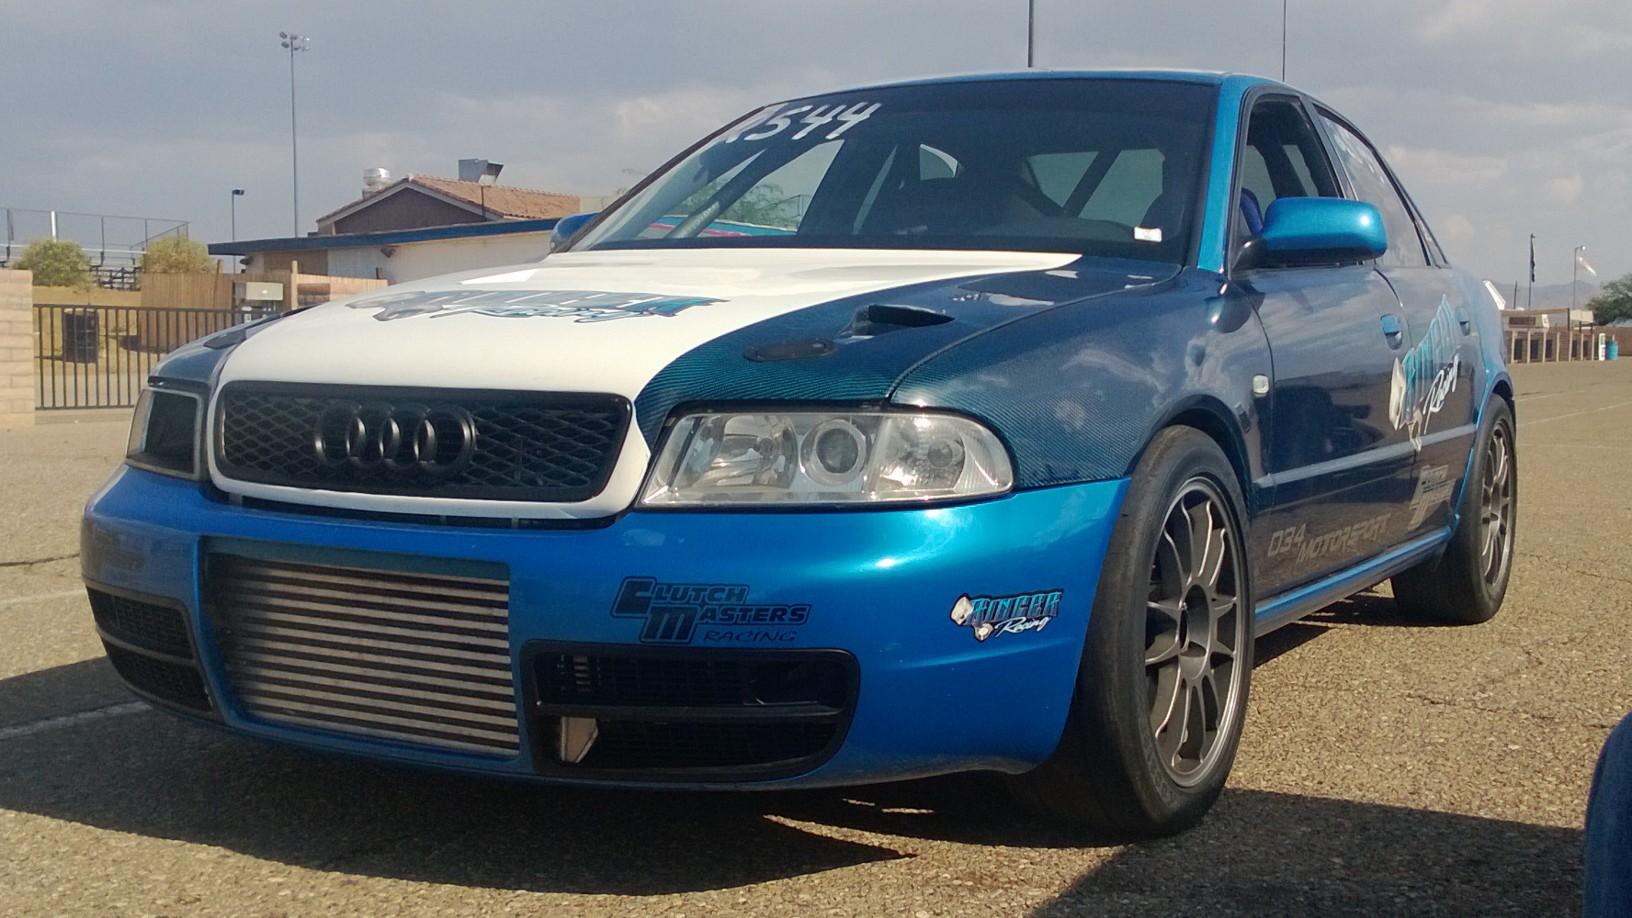 Audi S4 0 60 >> 2000 Audi A4 B5 1.8t HTA3586 Turbo 1/4 mile Drag Racing